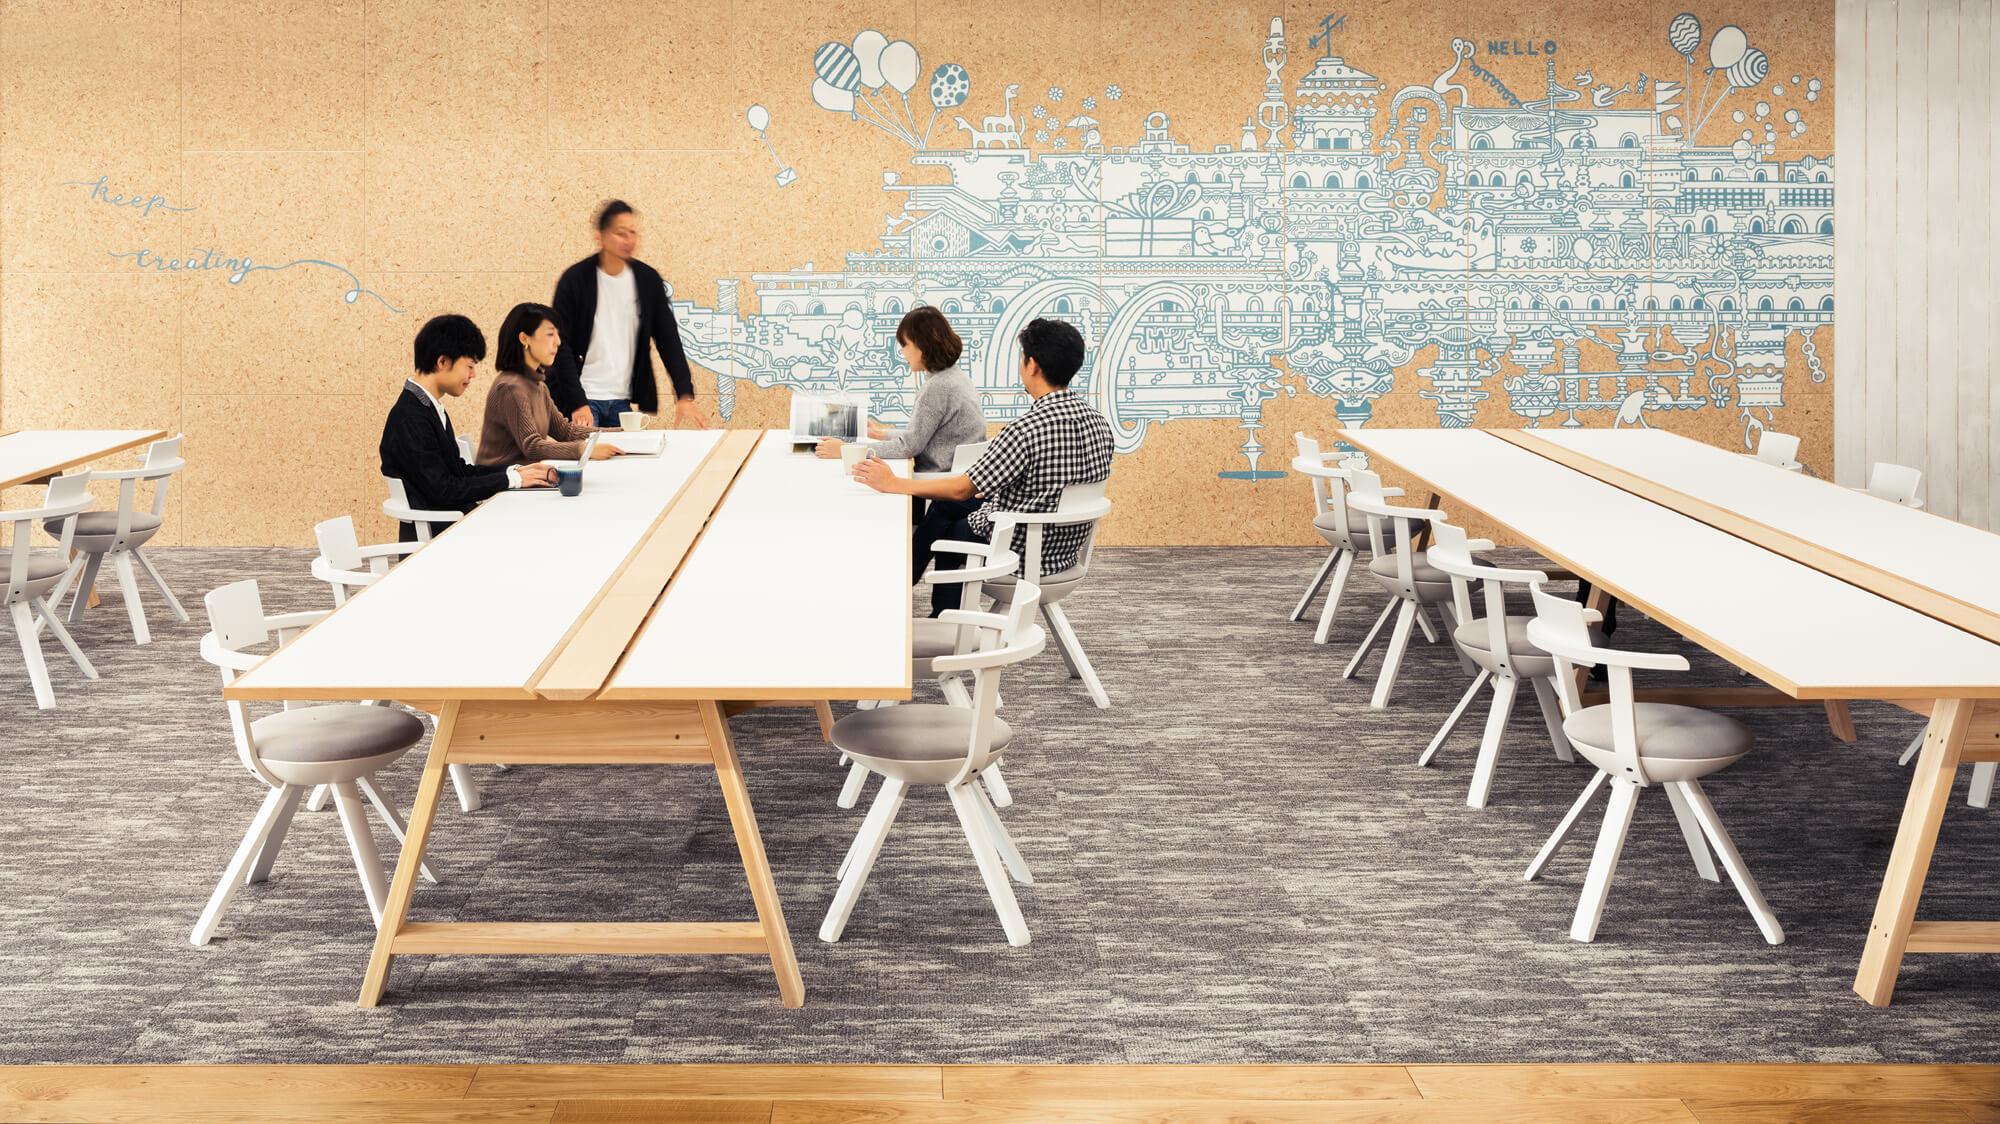 オフィス空間にアートを描いてもらえるサービス、WASABI ART&DESIGNがスタート